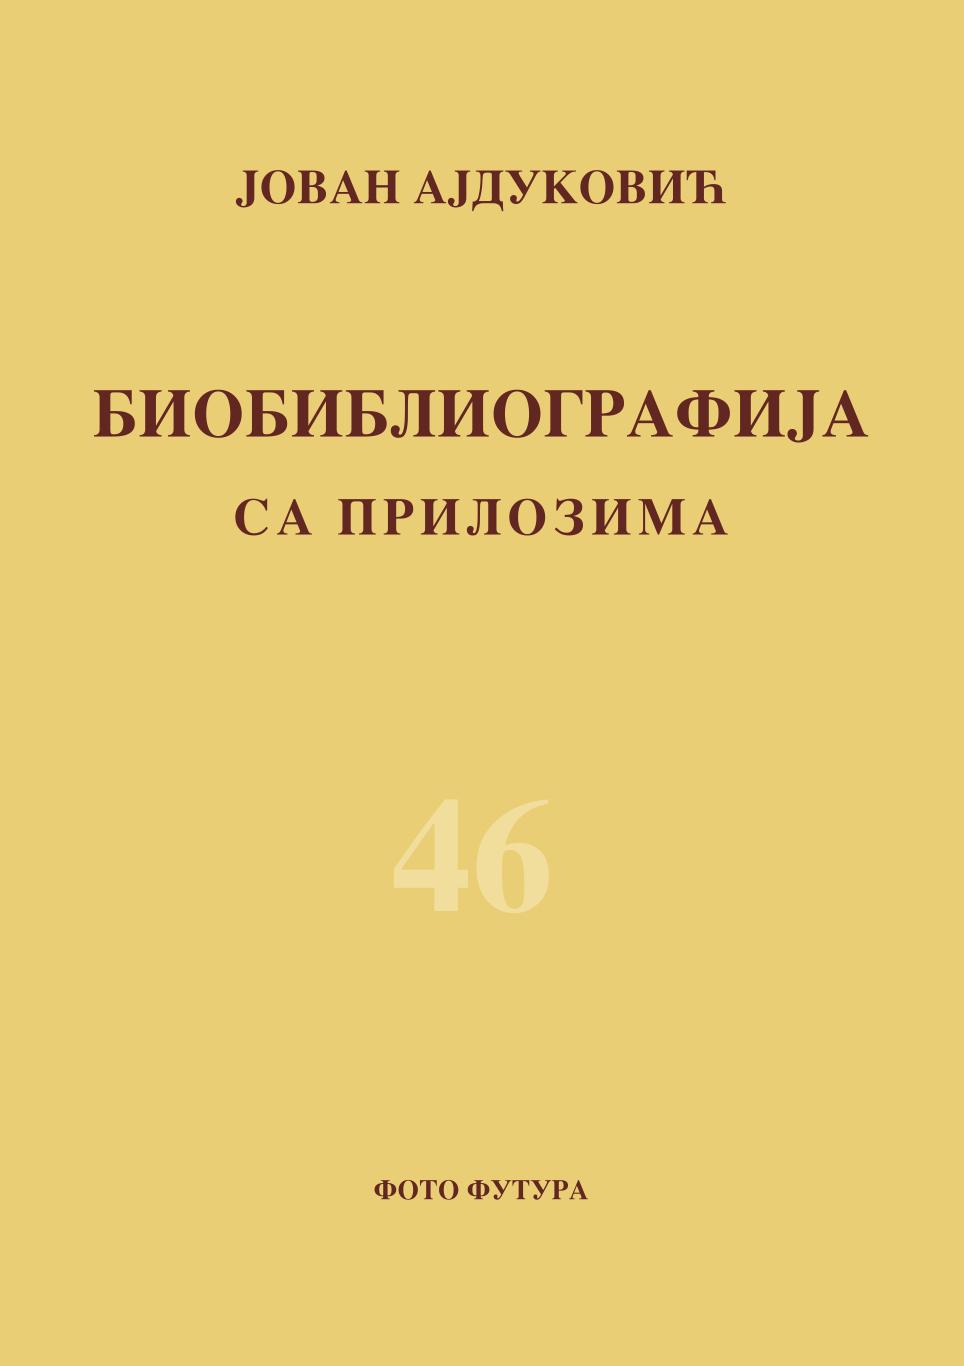 Биобиблиографија